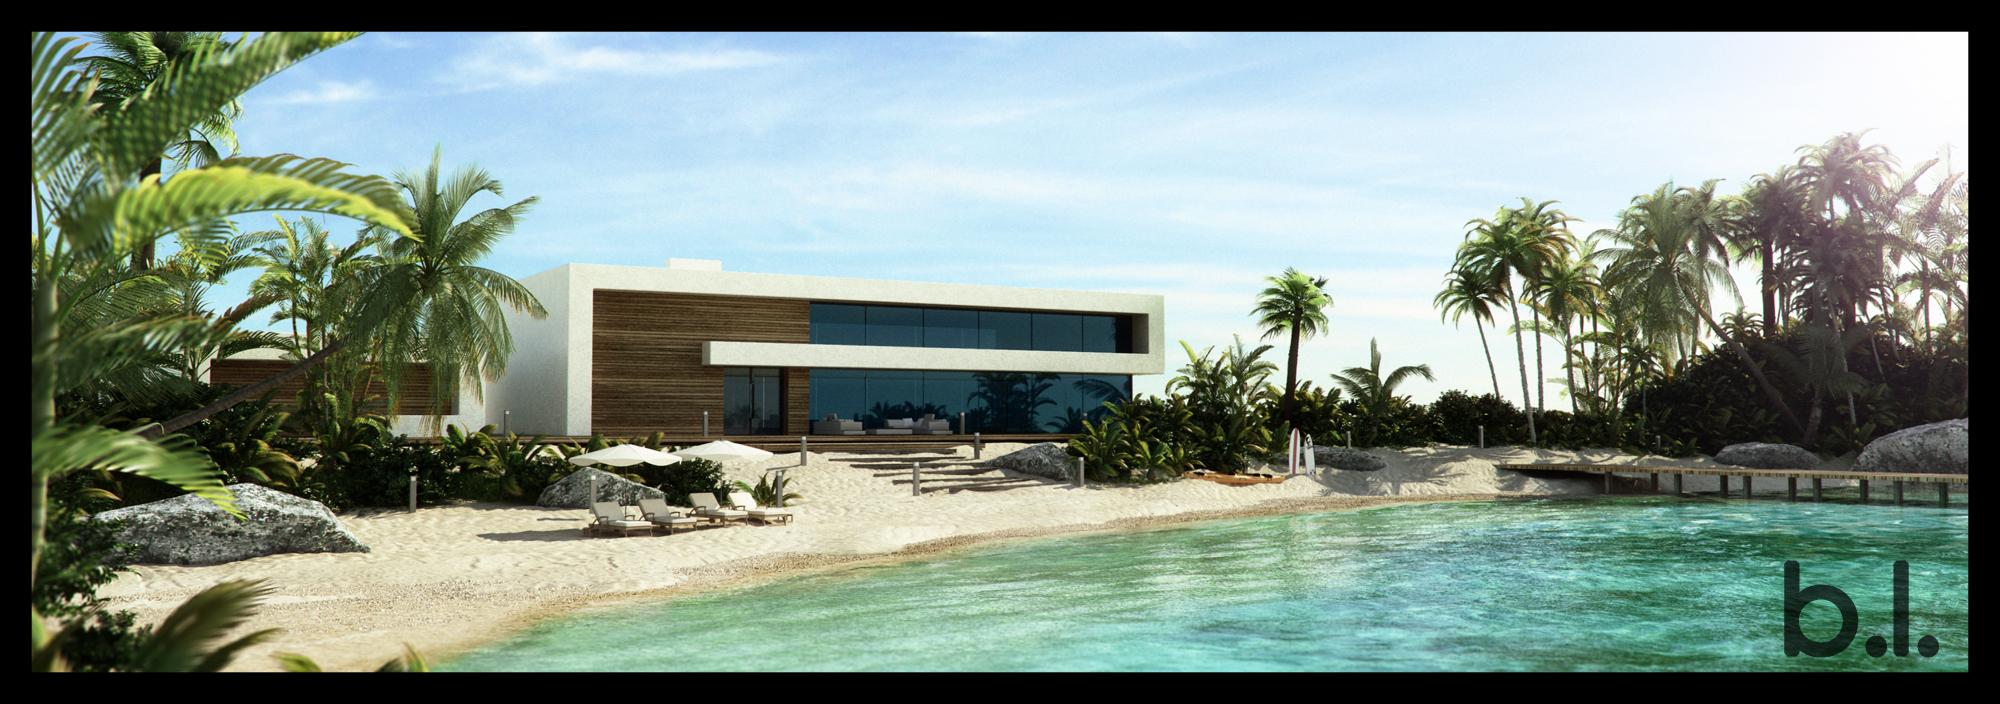 Una casita en la playa - Casitas de playa ...